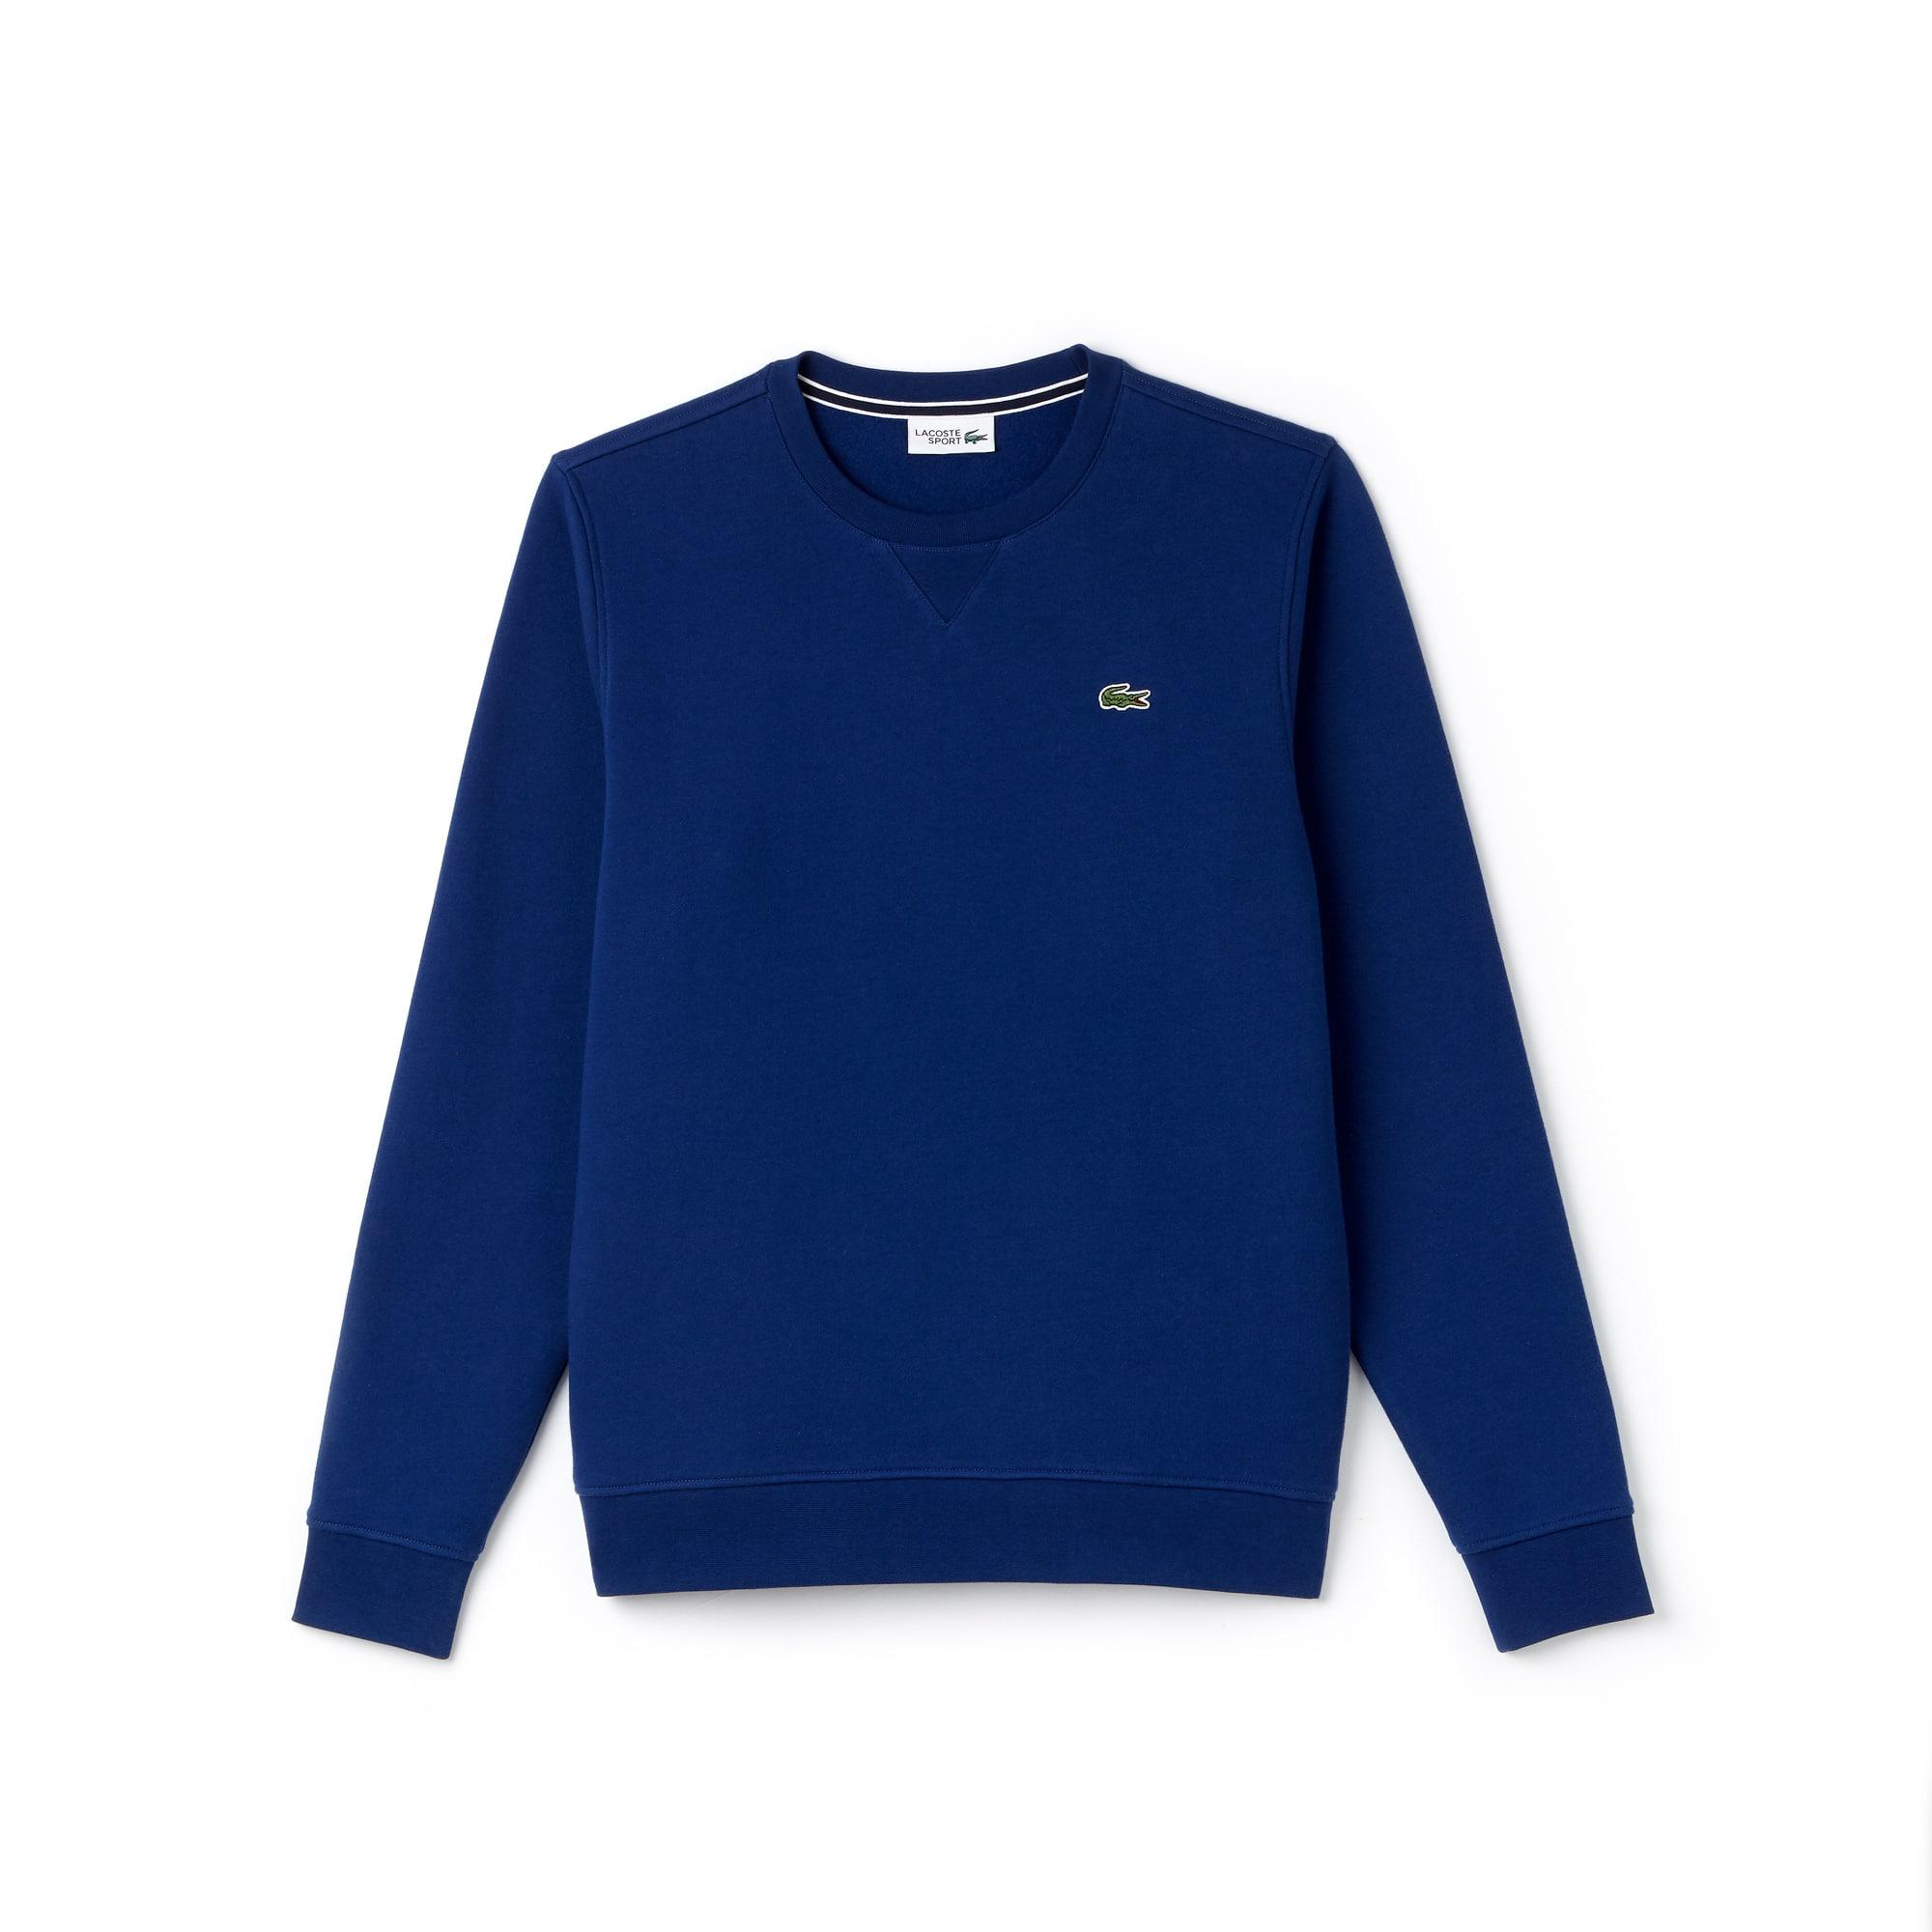 Men's Lacoste SPORT crew neck sweatshirt in solid fleece